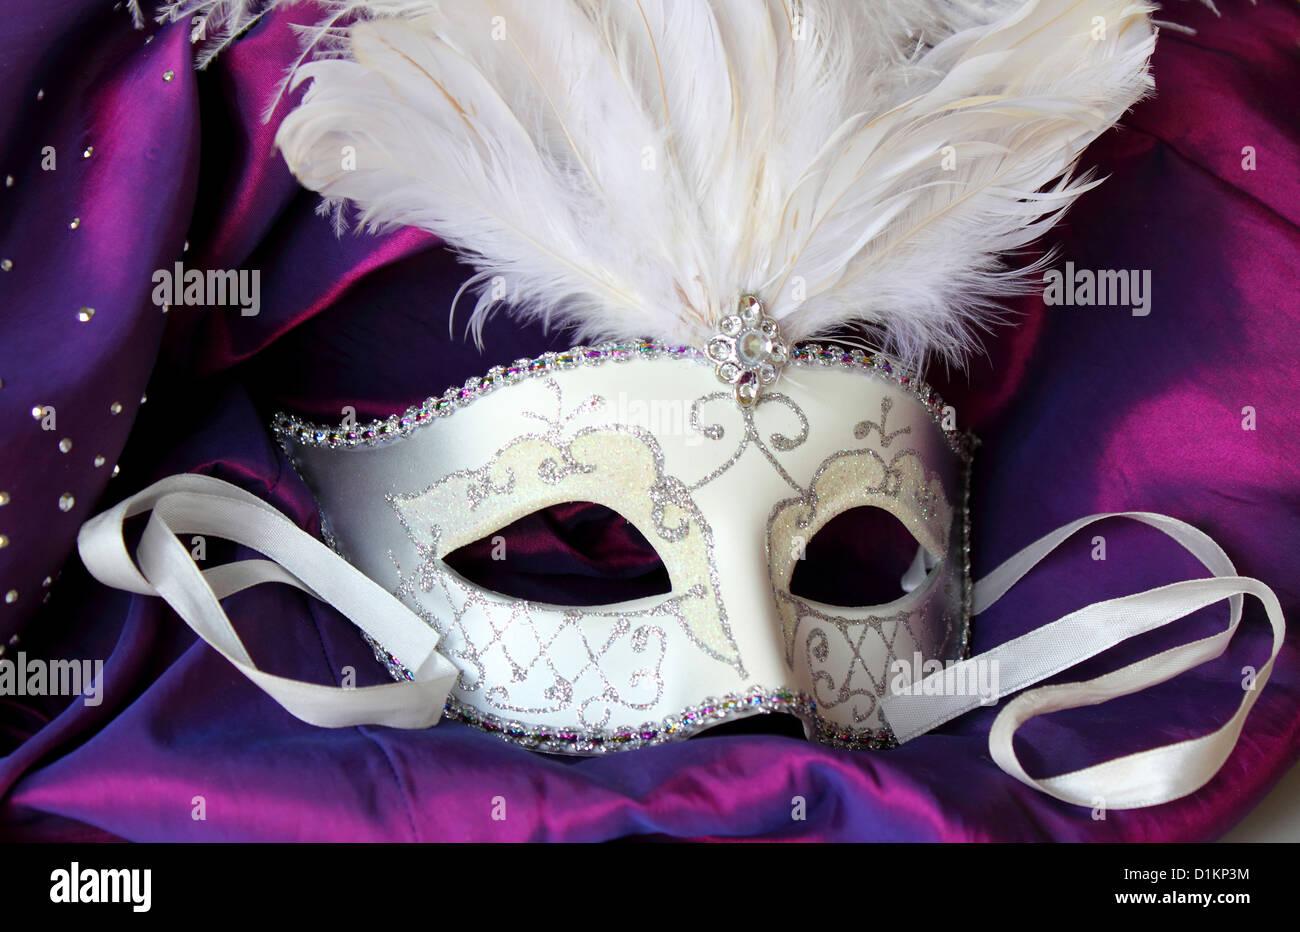 Un Mardi Gras masquerade mask a sfera su un abito realizzato da raso viola Immagini Stock